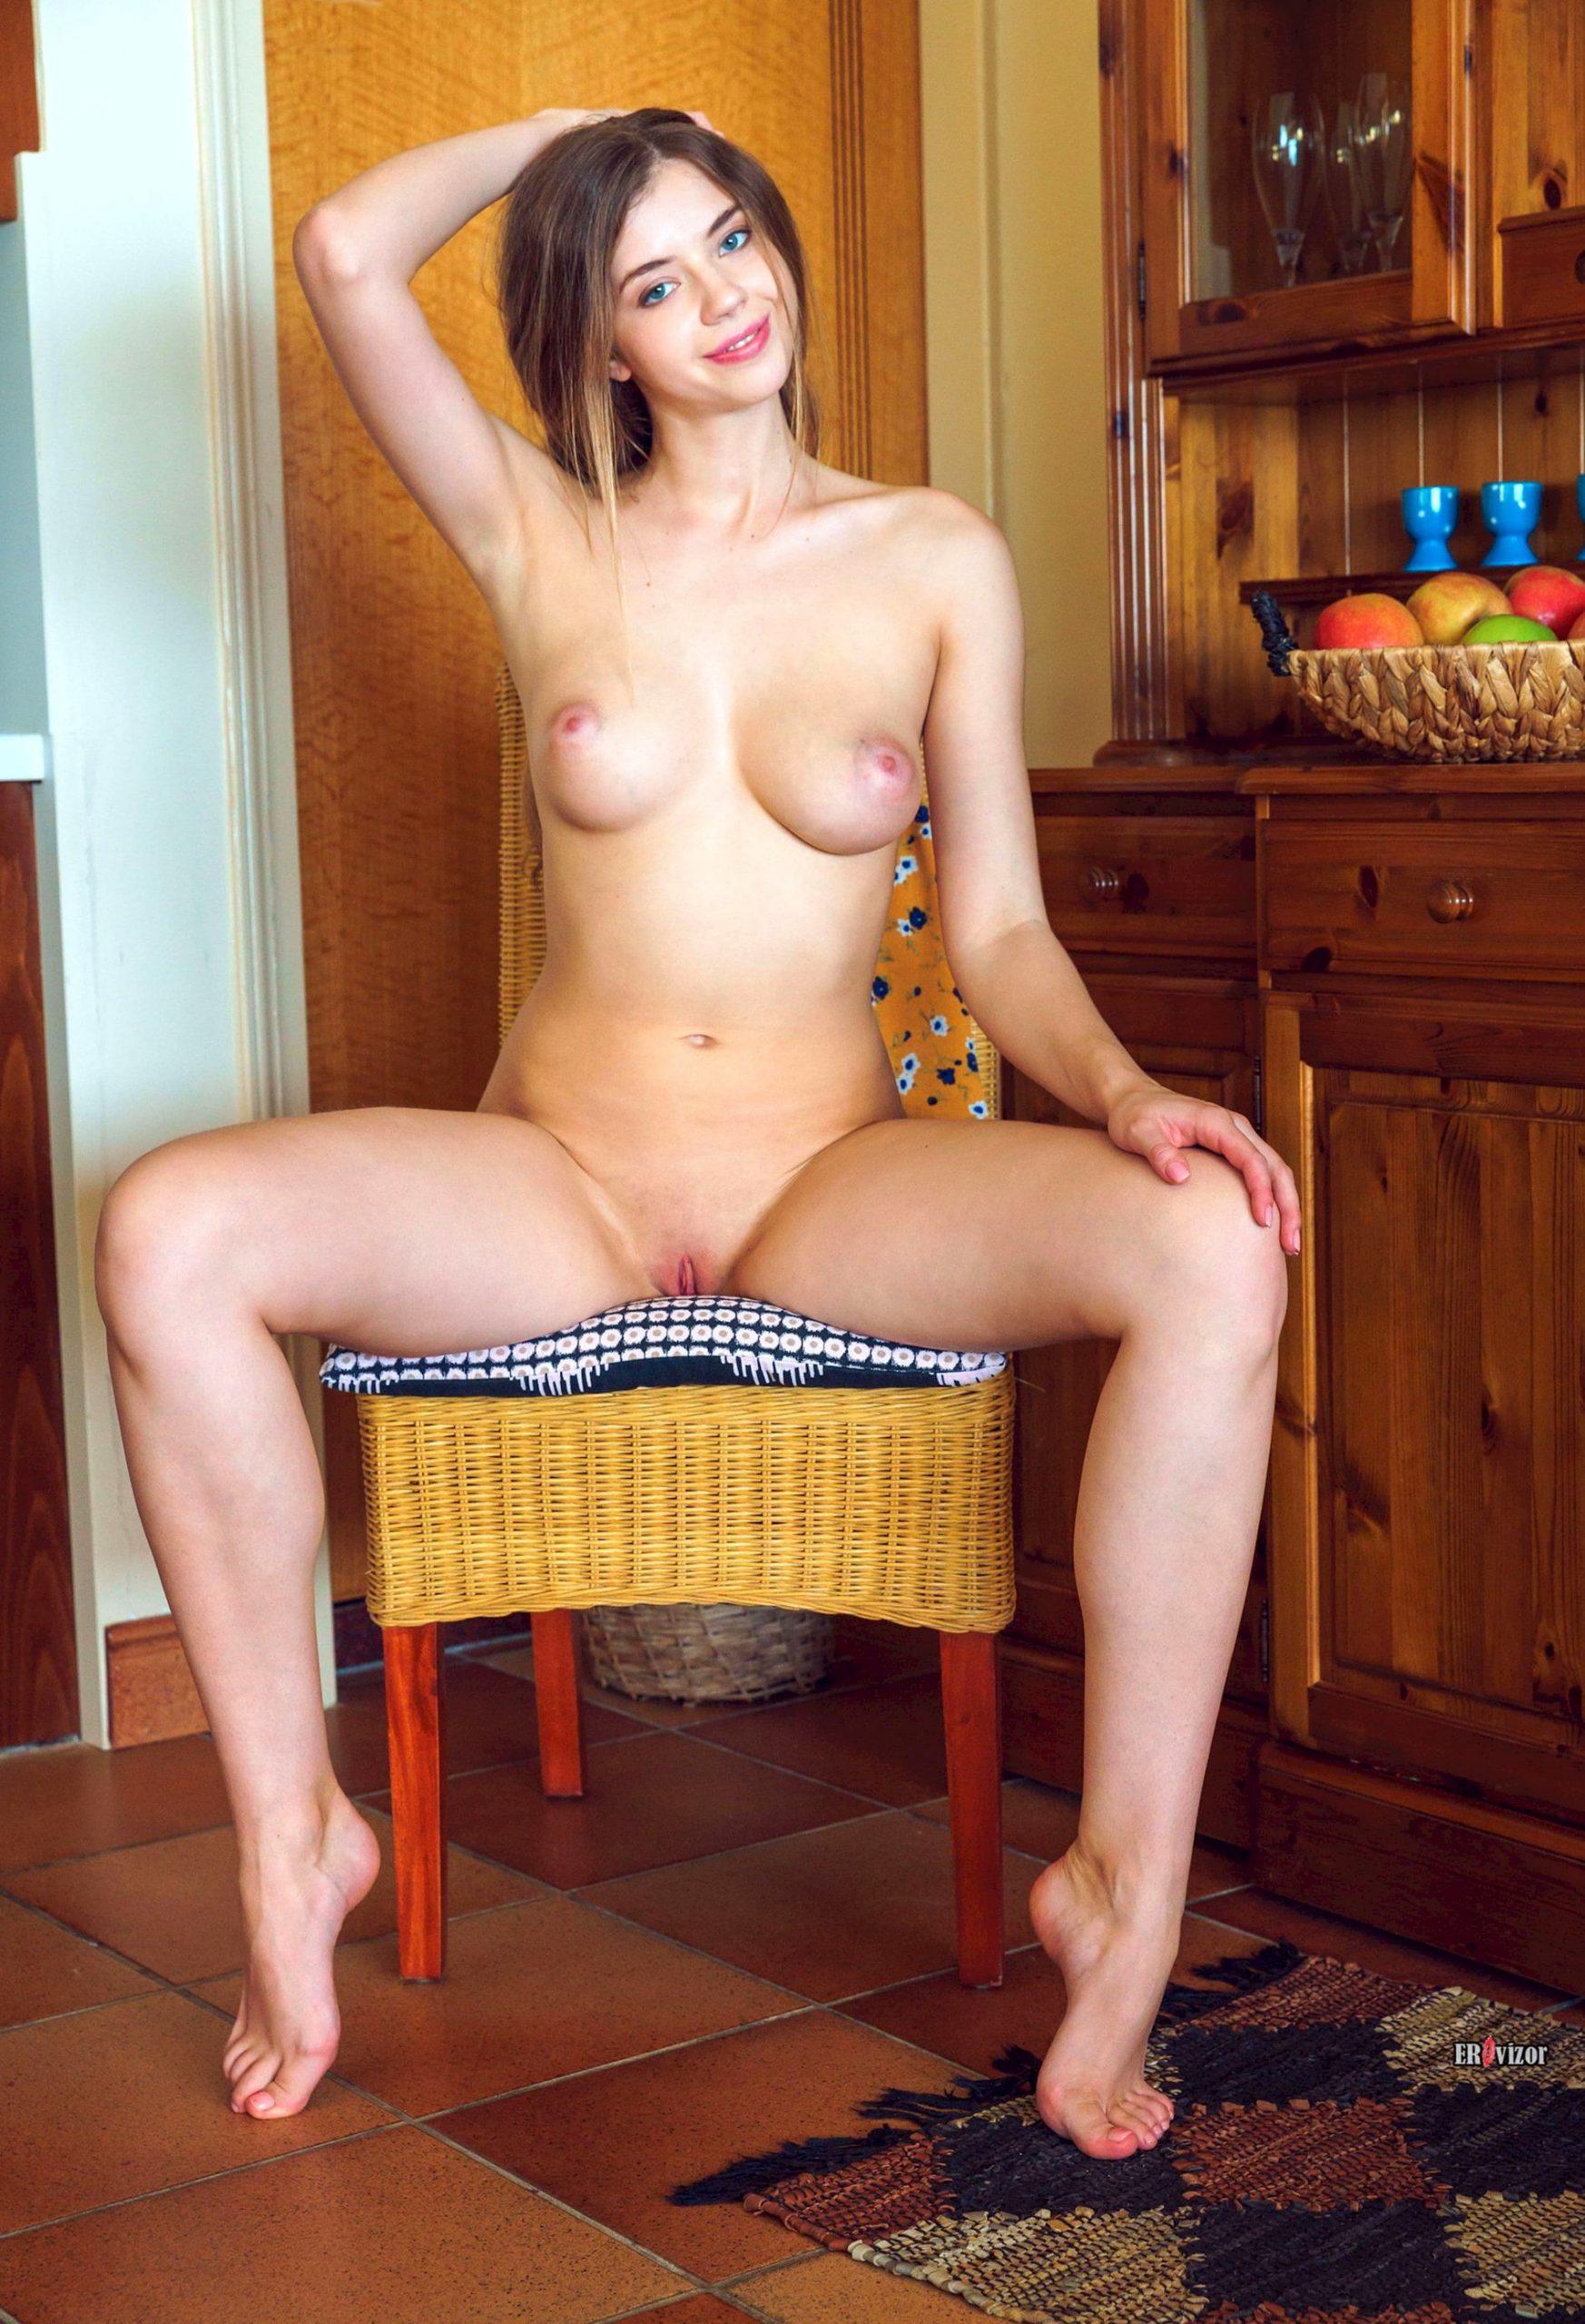 Молоденькая голая девчонка